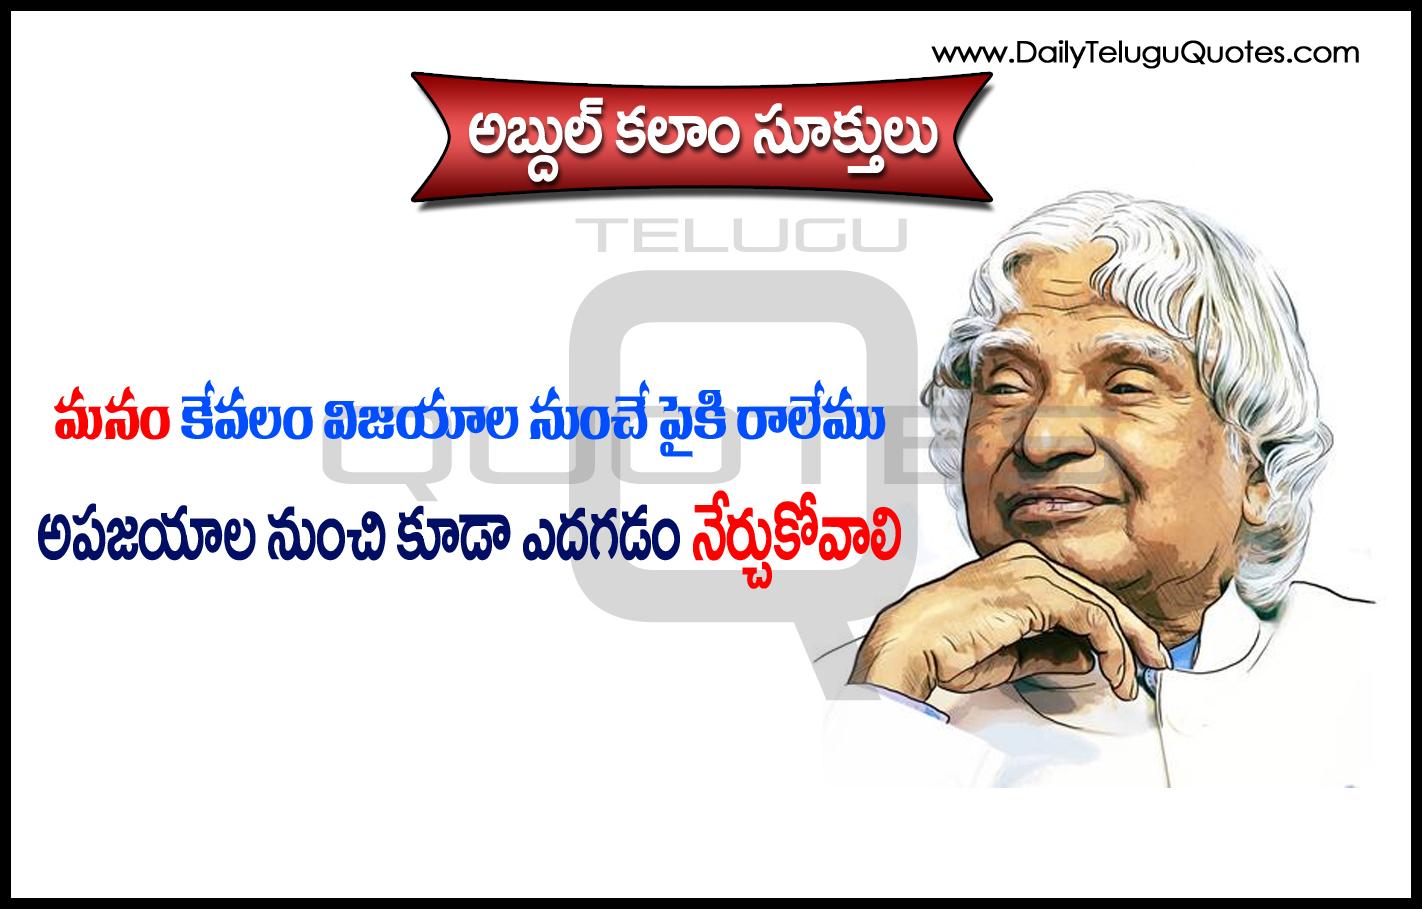 Best Inspirational Telugu Quotes By Abdul Kalam Dailyteluguquotes